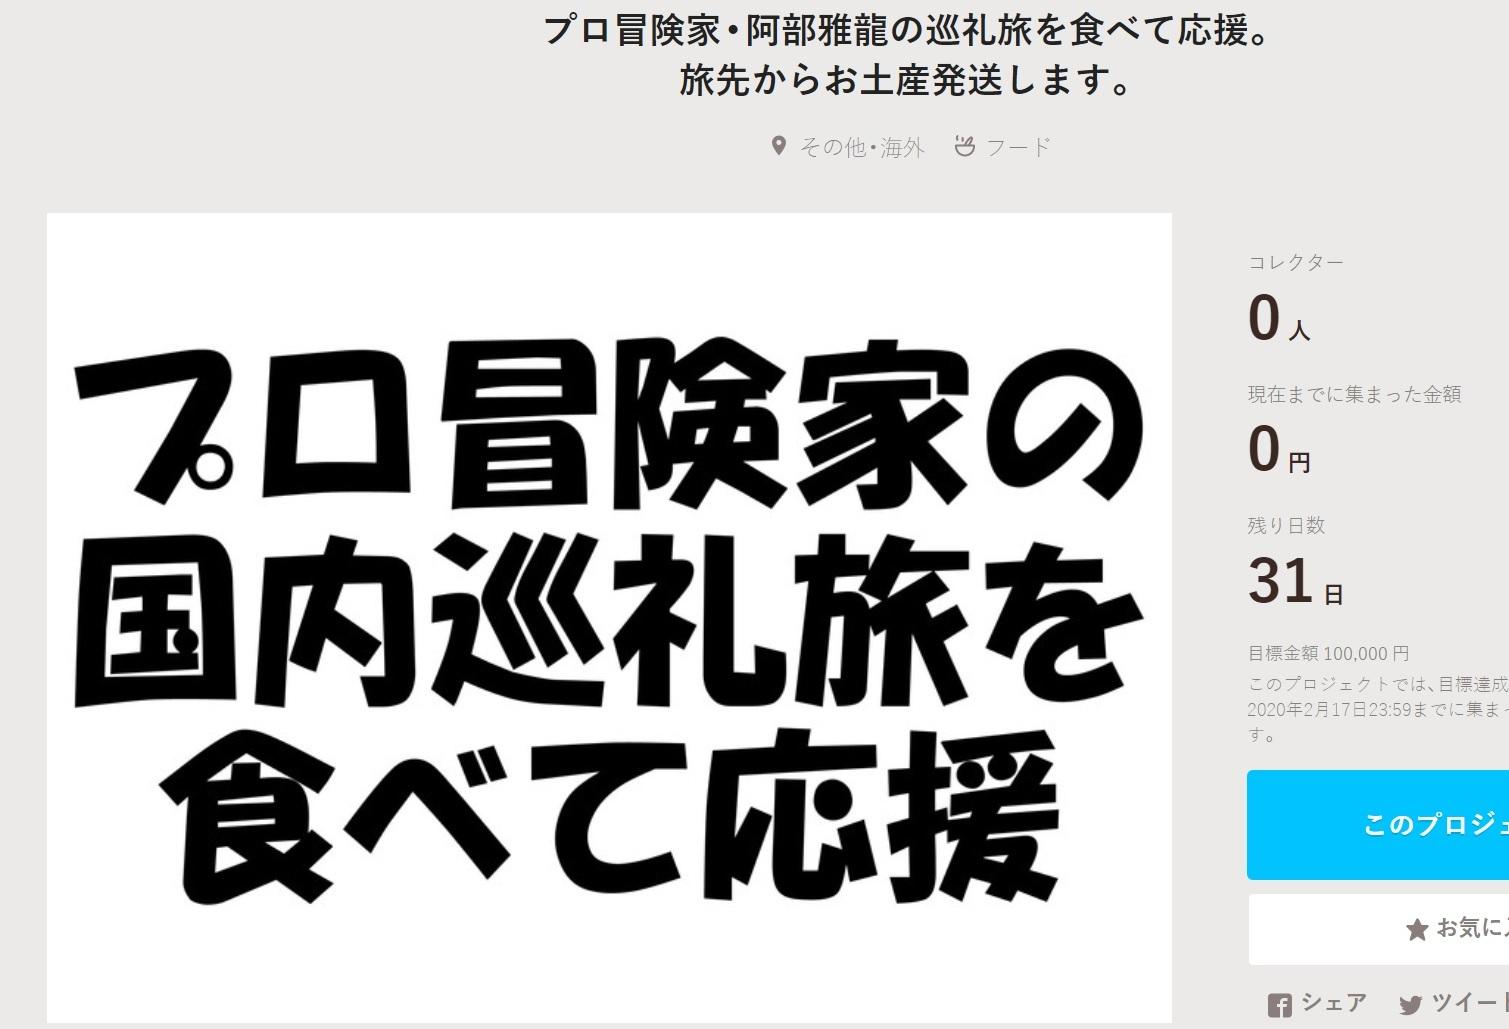 プロ冒険家・阿部雅龍の巡礼旅を食べて応援_d0004728_09072890.jpg